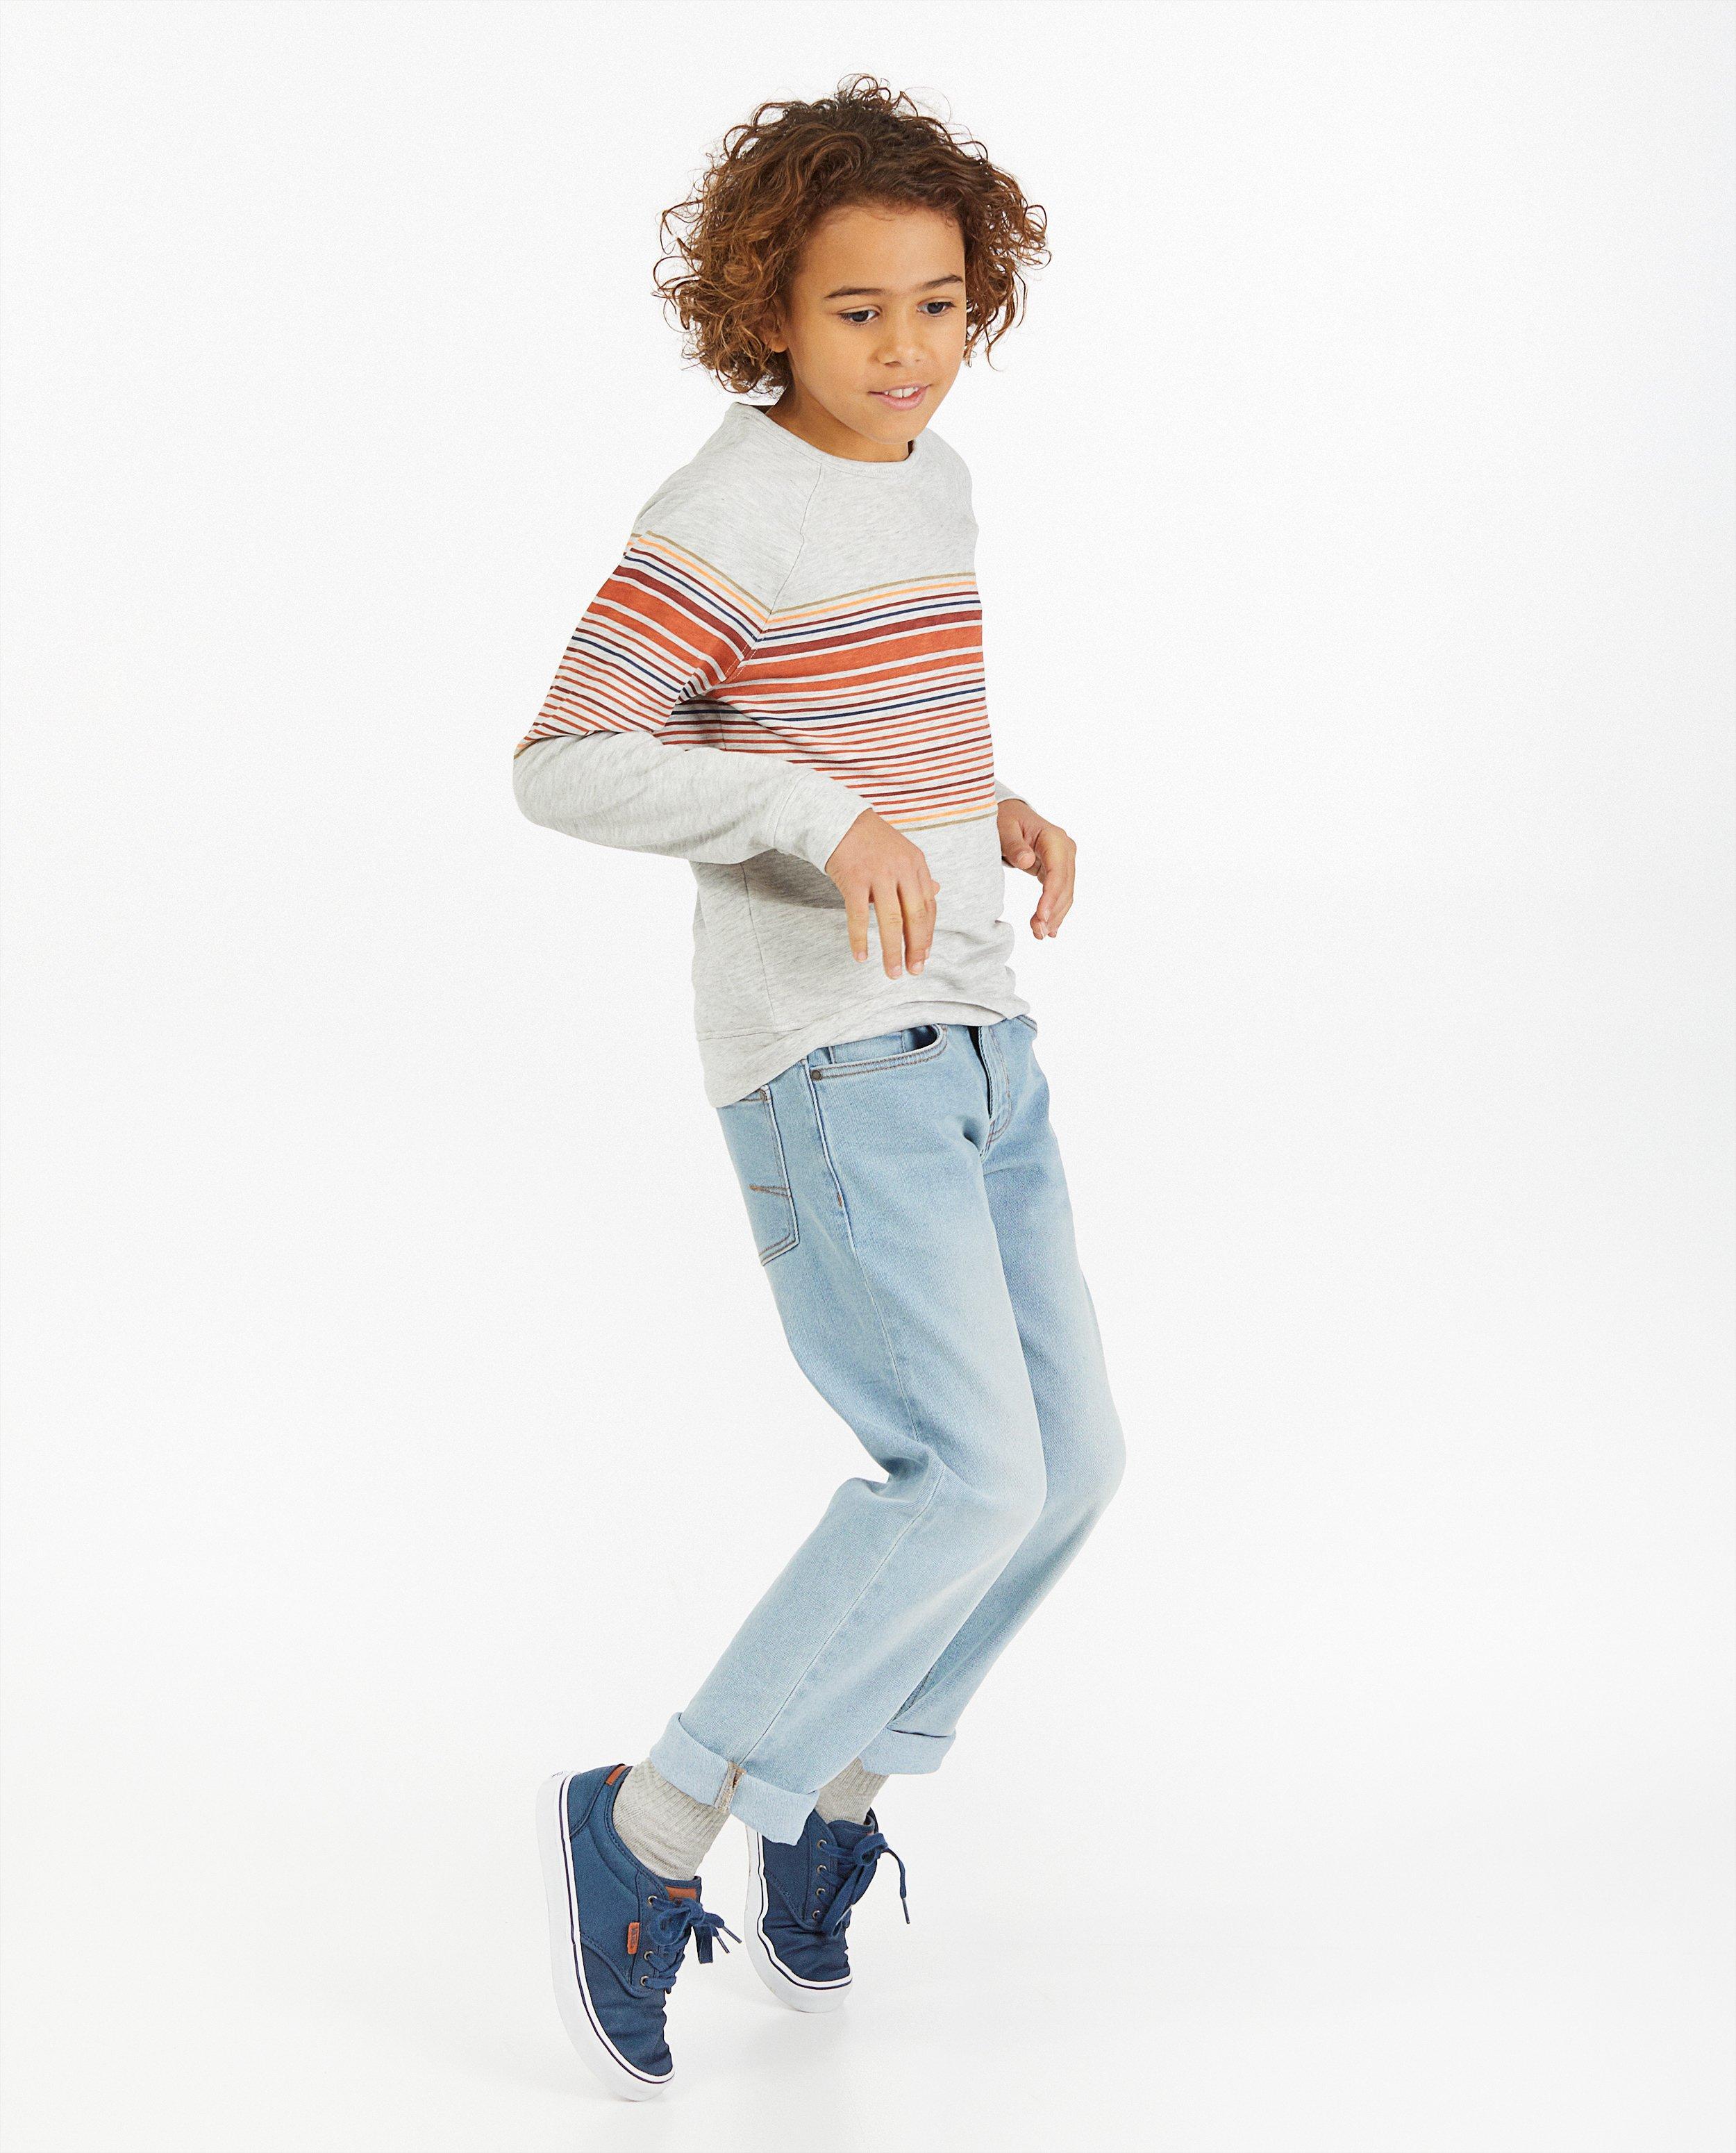 Lichtgrijze sweater met strepen #LikeMe - gemêleerd - Like Me